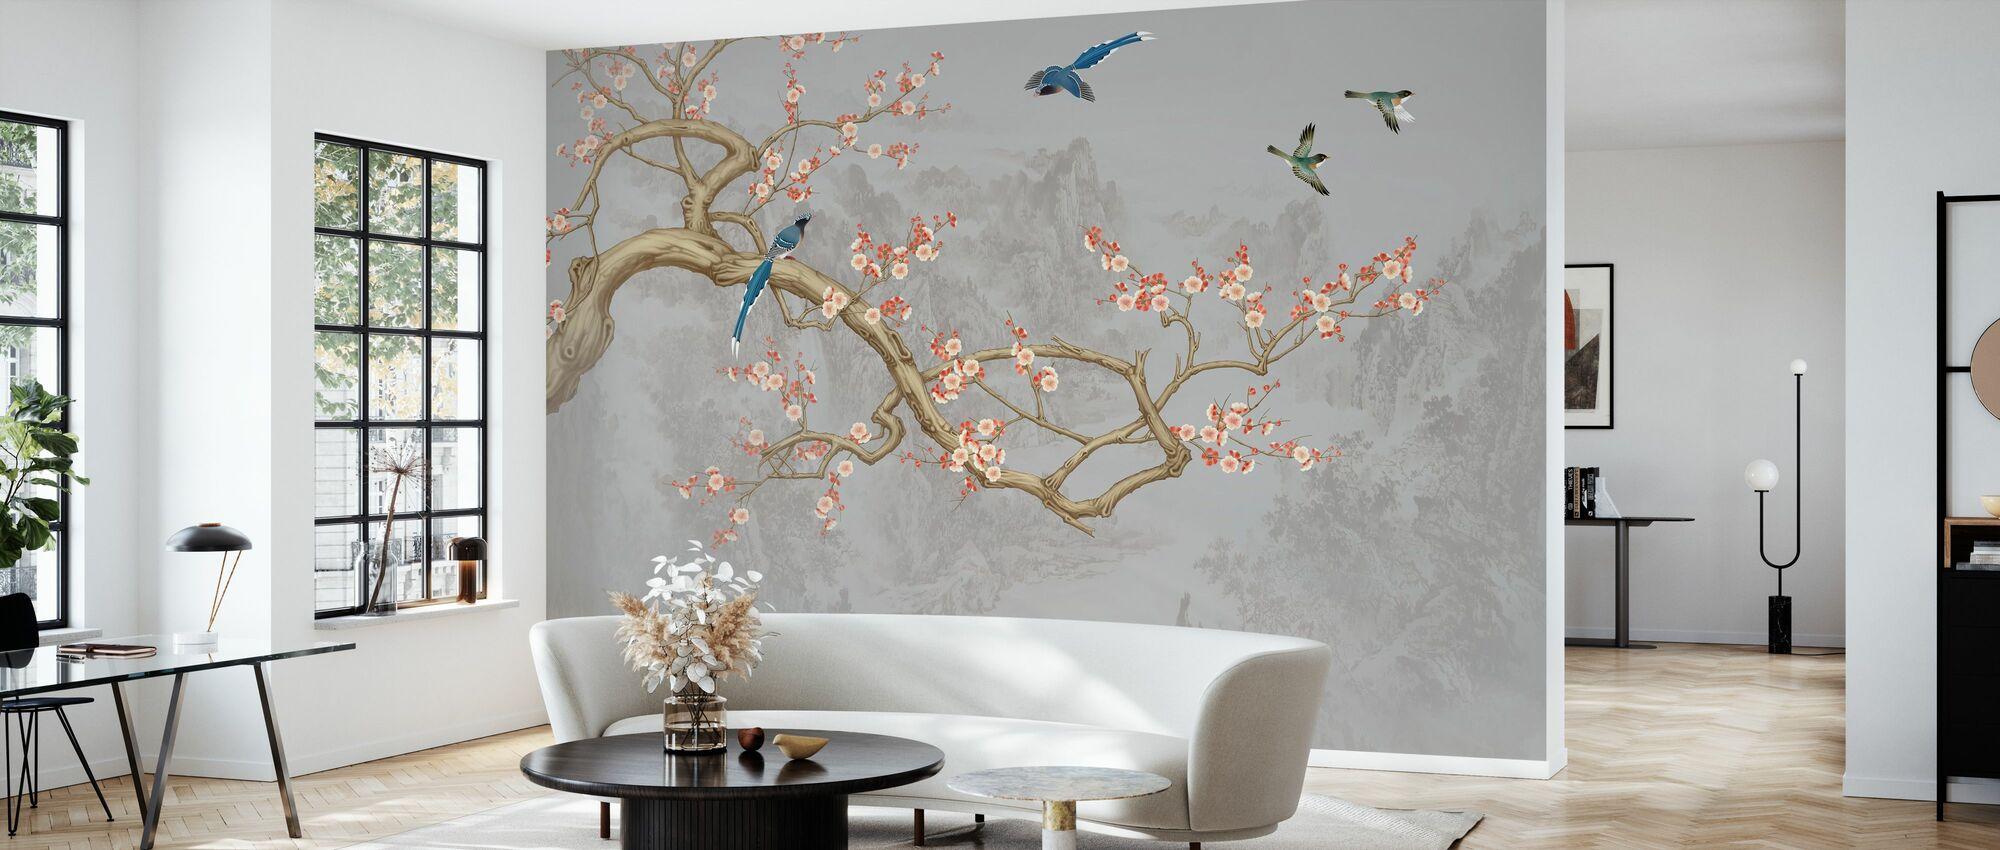 Vogelhöhen - Pearly - Tapete - Wohnzimmer